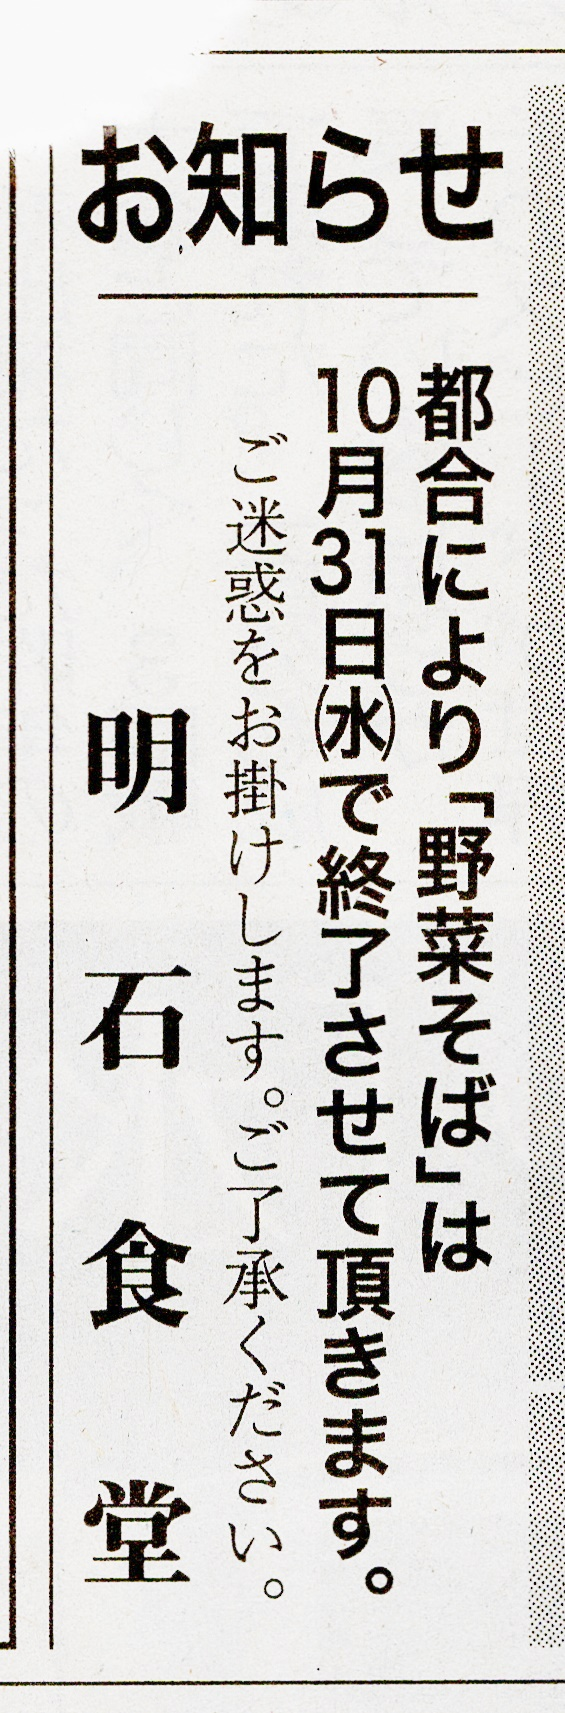 【企画】明石食堂 最後の野菜そばお別れ会